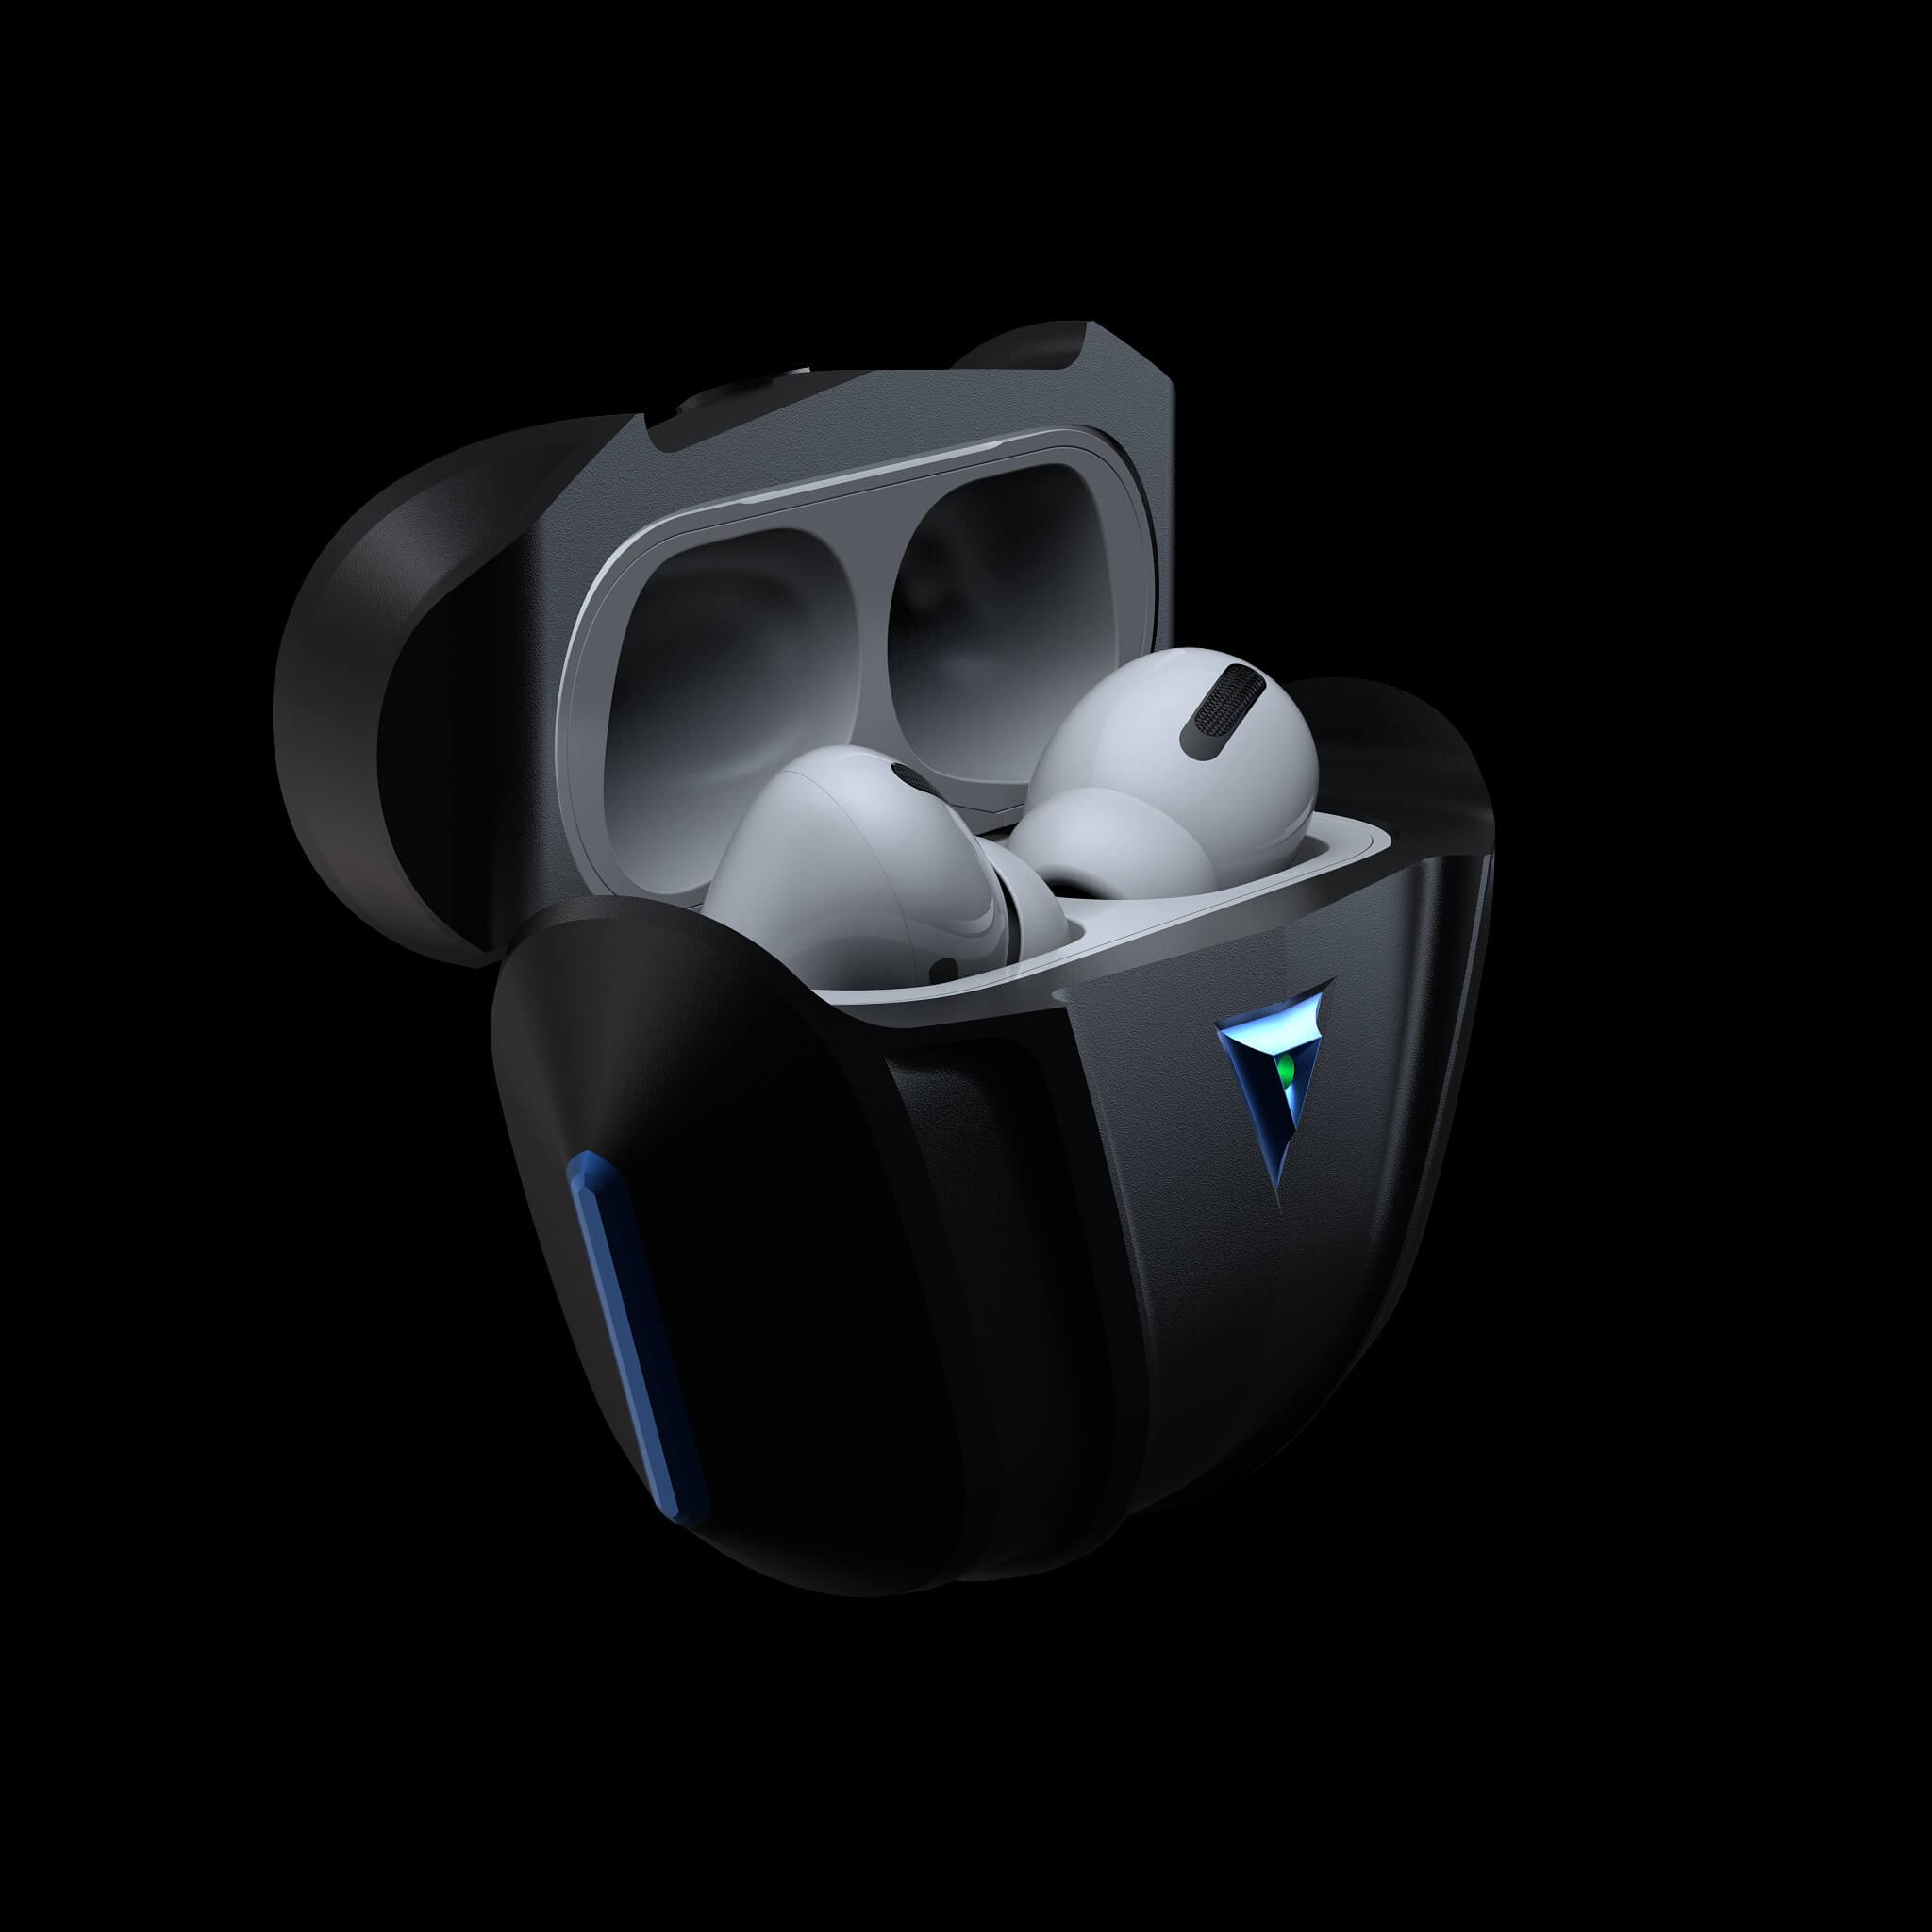 raptor blue luxury aluminium metal airpods pro case